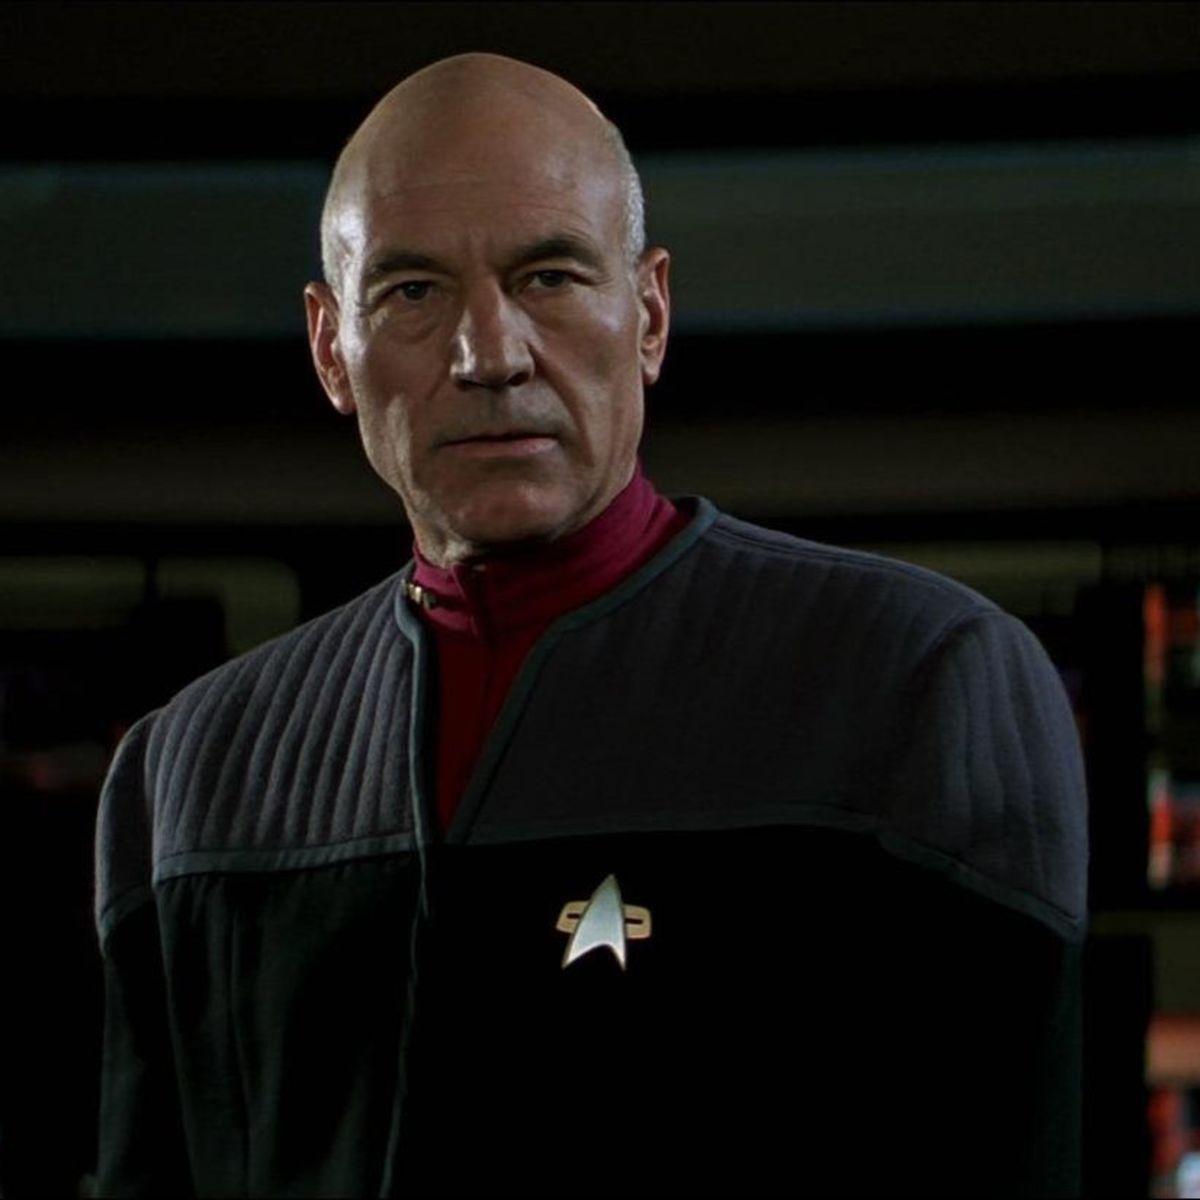 Jean-Luc-Picard.jpg